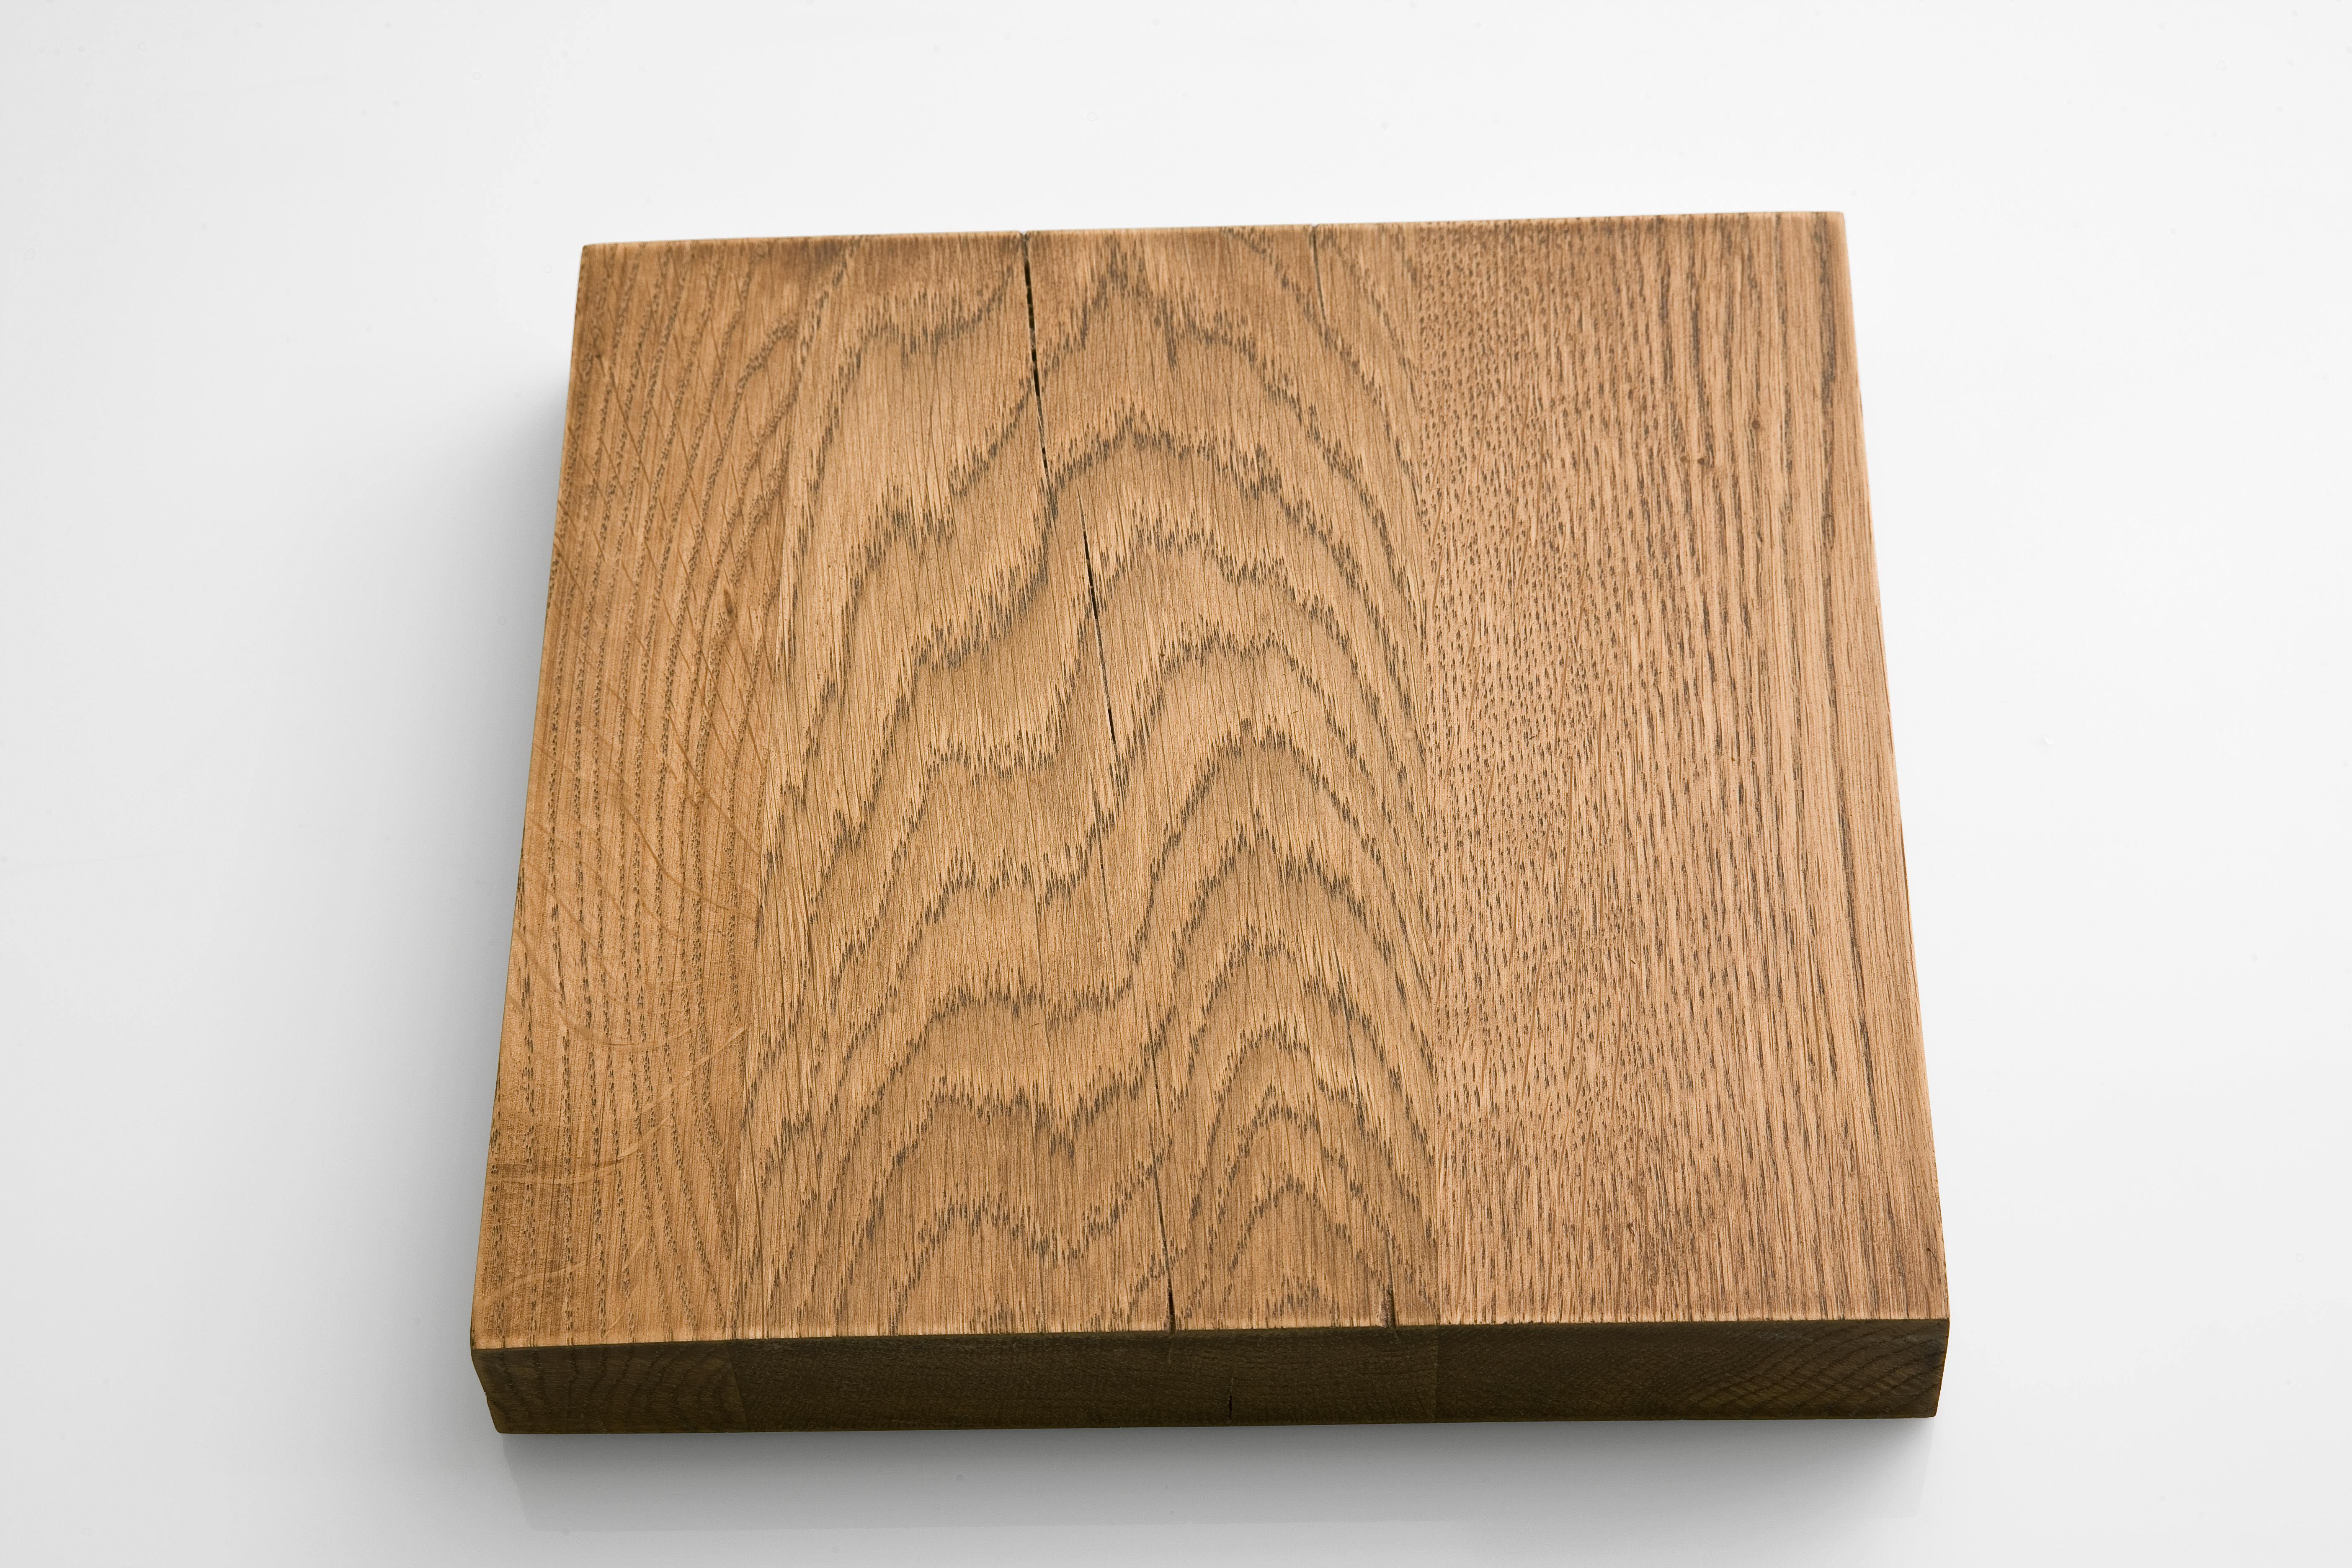 Peeter Esstisch Eiche bassano lackiert 260x100